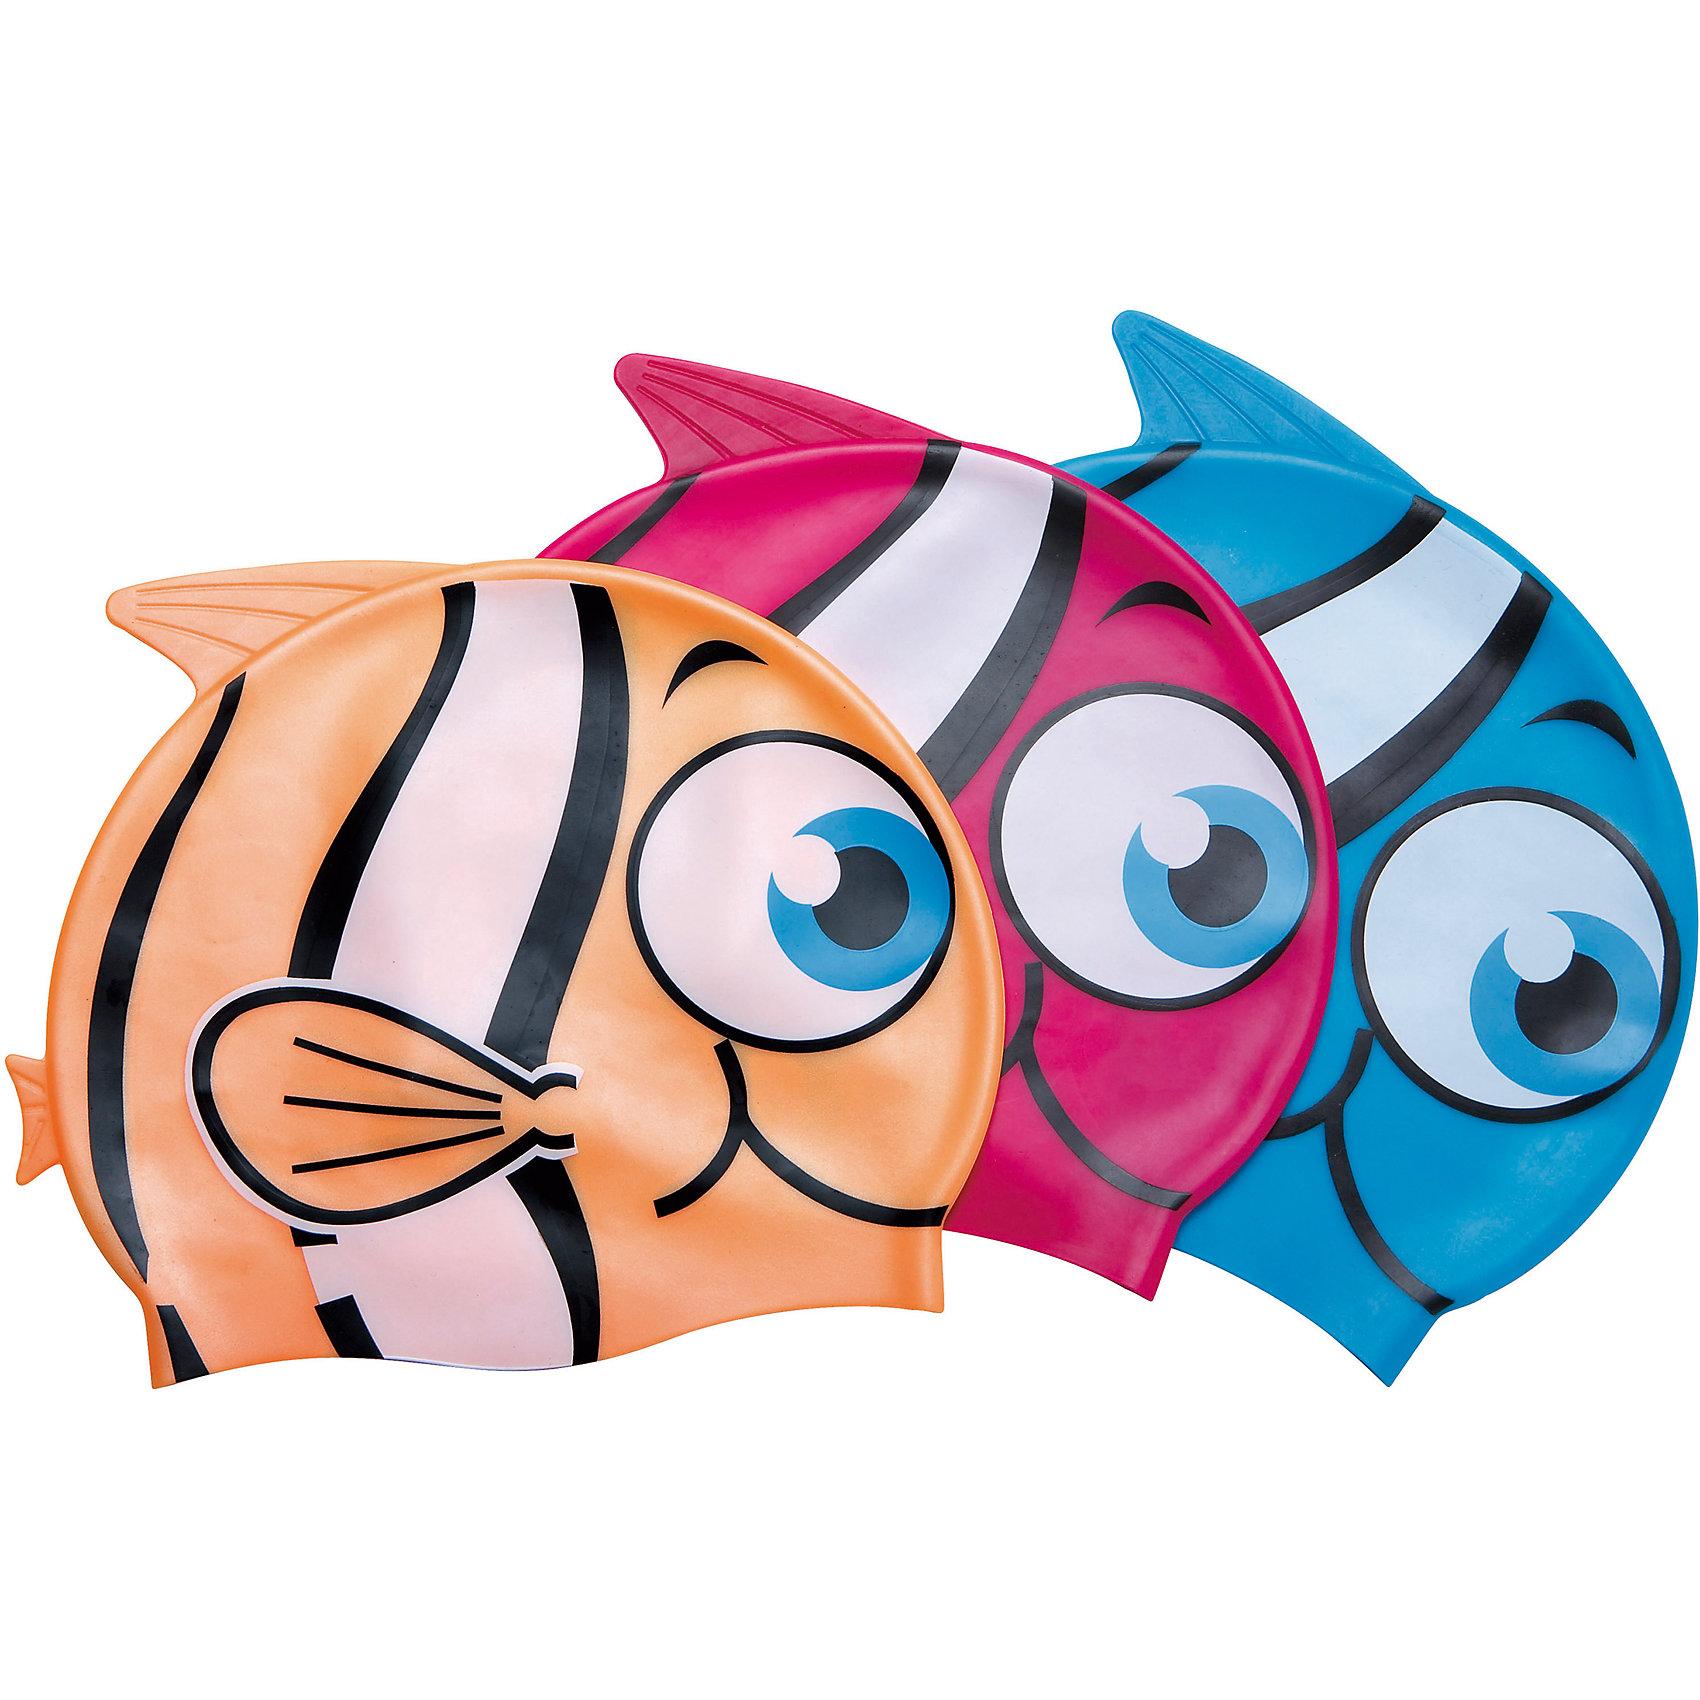 Шапочка для купания Little Buddy для детей, голубая, BestwayОчки, маски, ласты, шапочки<br>Шапочка для купания Little Buddy для детей, голубая, Bestway (Бествей)<br><br>Характеристики:<br><br>• растягивается до нужного размера<br>• надежно защищает волосы<br>• водонепроницаемый  материал<br>• материал: силикон<br>• цвет: голубой<br>• размер упаковки: 15,2х13х29,5 см<br>• вес: 61 грамм<br><br>Яркая шапочка для купания всегда будет радовать юного пловца. Шапочка изготовлена из качественного силикона, который хорошо растягивается до нужного размера и надежно облегает голову, защищая волосы от воды. Шапка выполнена в виде красивой рыбки с большими глазками. Сверху располагается плавник, придающий еще больше реалистичности. В яркой шапочке маленький спортсмен будет плавать с удовольствием!<br><br>Шапочку для купания Little Buddy для детей, голубую, Bestway (Бествей) вы можете купить в нашем интернет-магазине.<br><br>Ширина мм: 295<br>Глубина мм: 130<br>Высота мм: 152<br>Вес г: 61<br>Возраст от месяцев: 36<br>Возраст до месяцев: 2147483647<br>Пол: Мужской<br>Возраст: Детский<br>SKU: 5486867